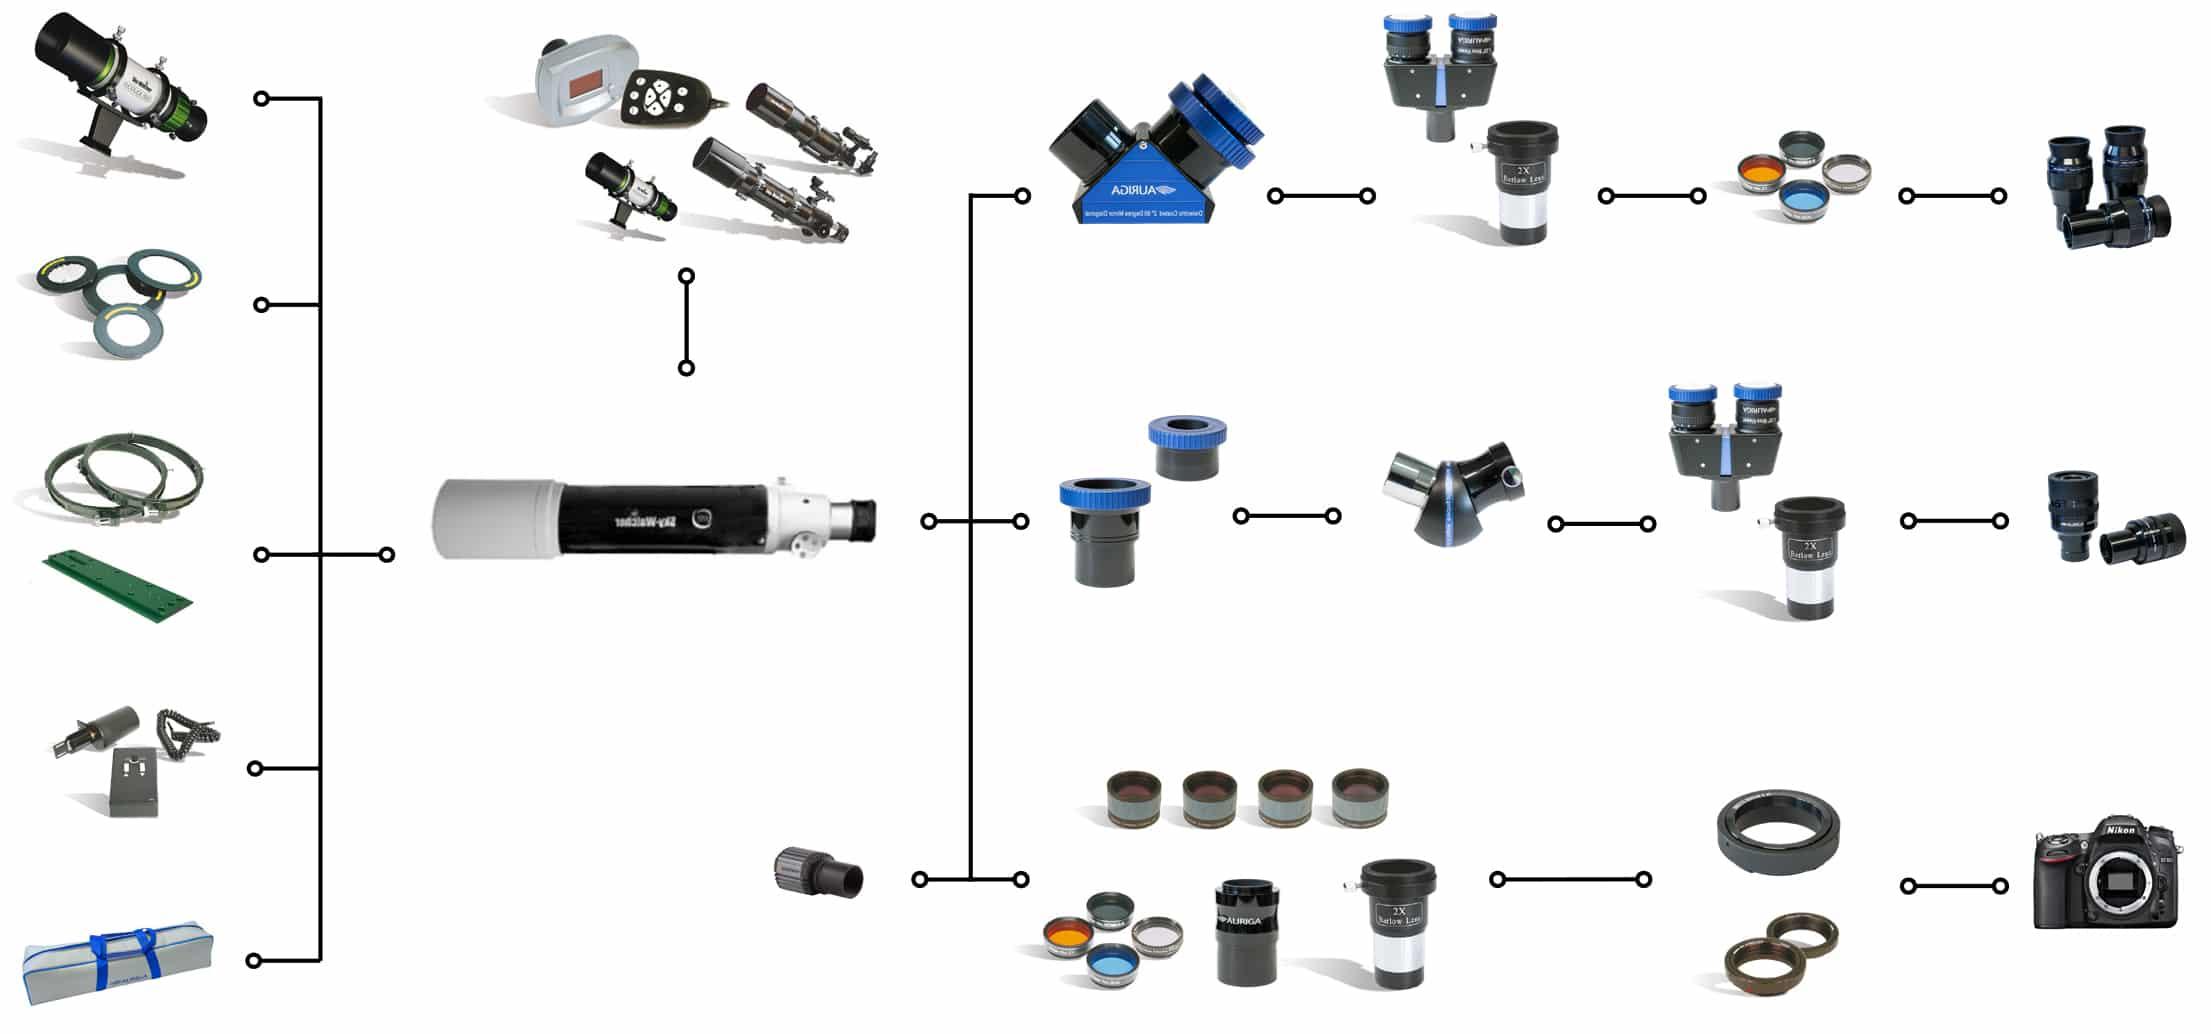 schema collegamento accessori telescopio rifrattore